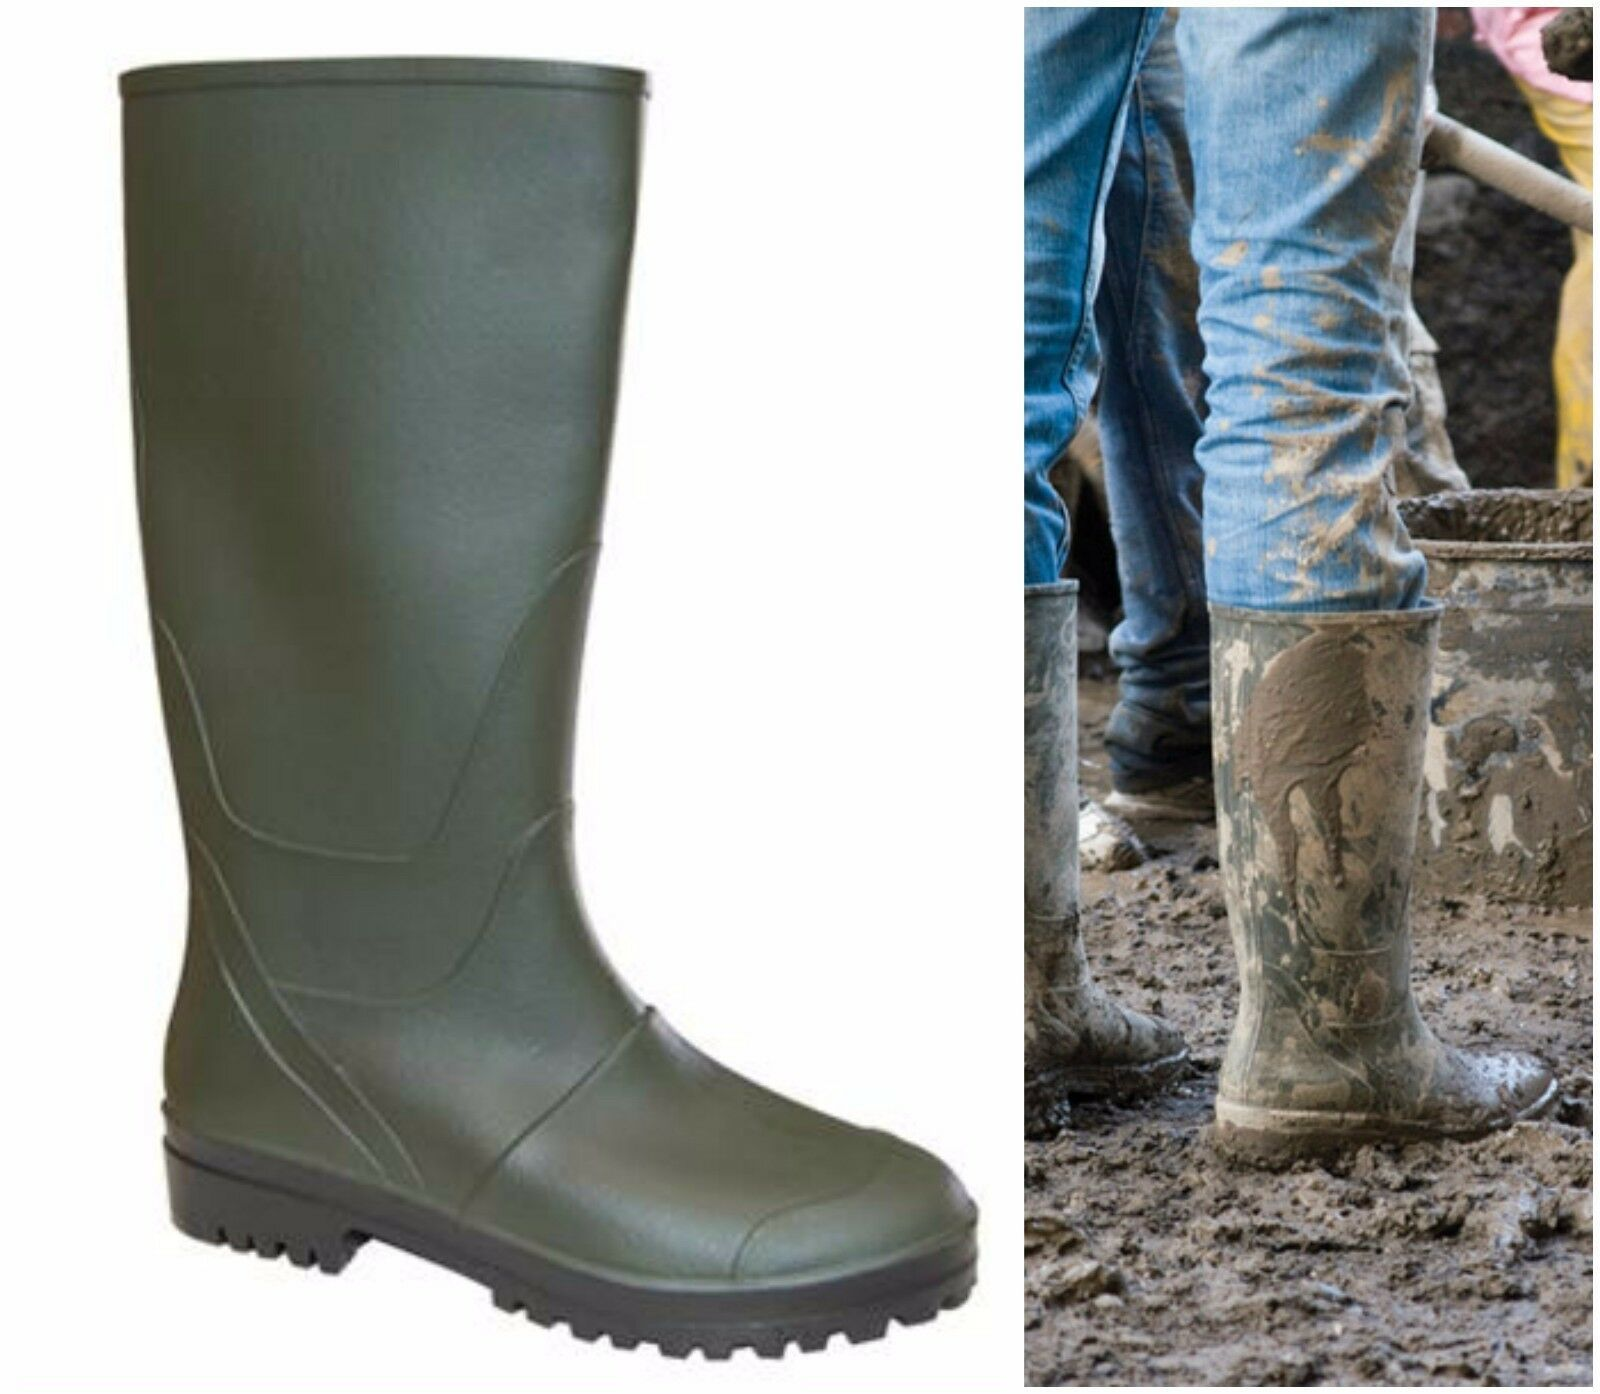 super speciali vendita a buon mercato nel Regno Unito regno unito Stivale uomo in pvc gomma stivali al ginocchio carrarmato caccia ...